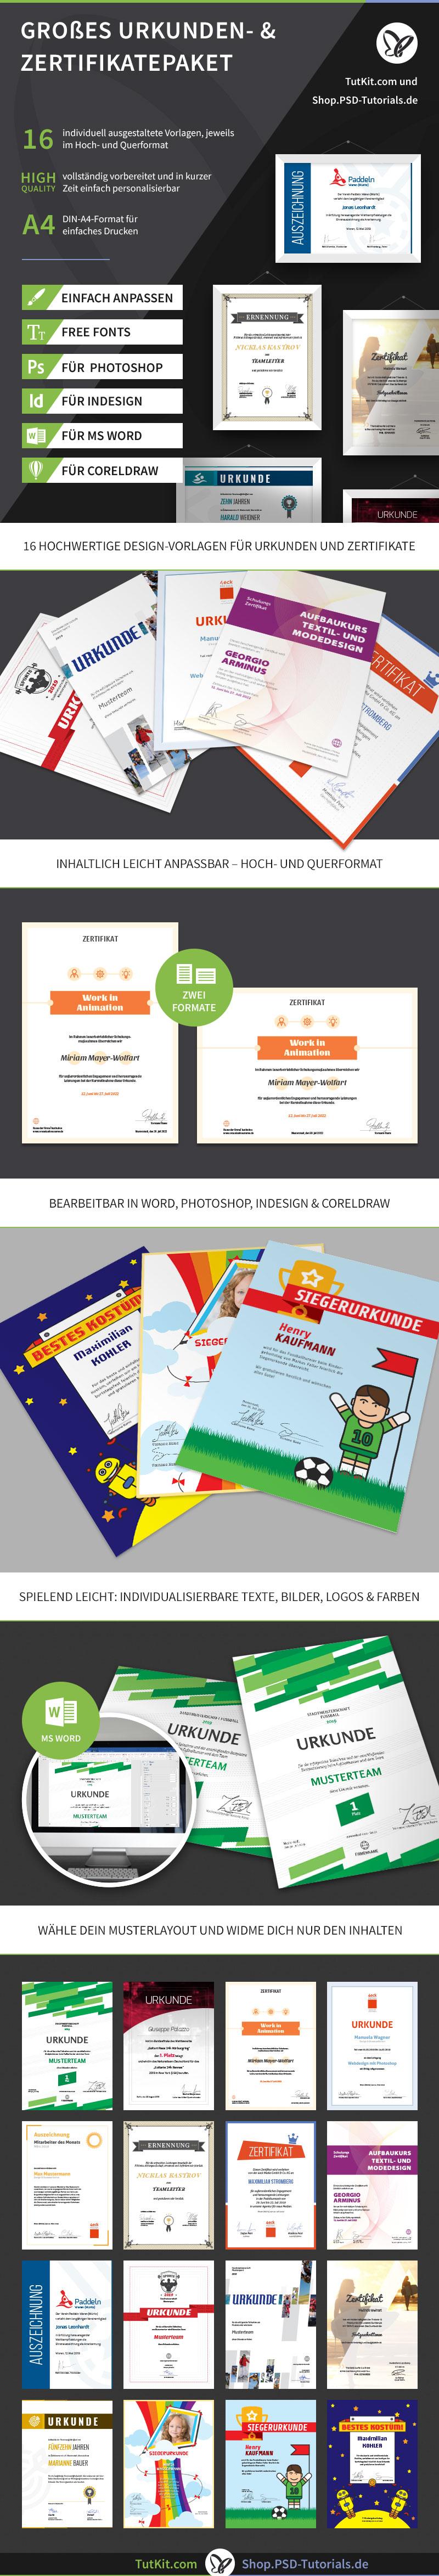 Überblick über die Vorlagen für Urkunden & Zertifikate